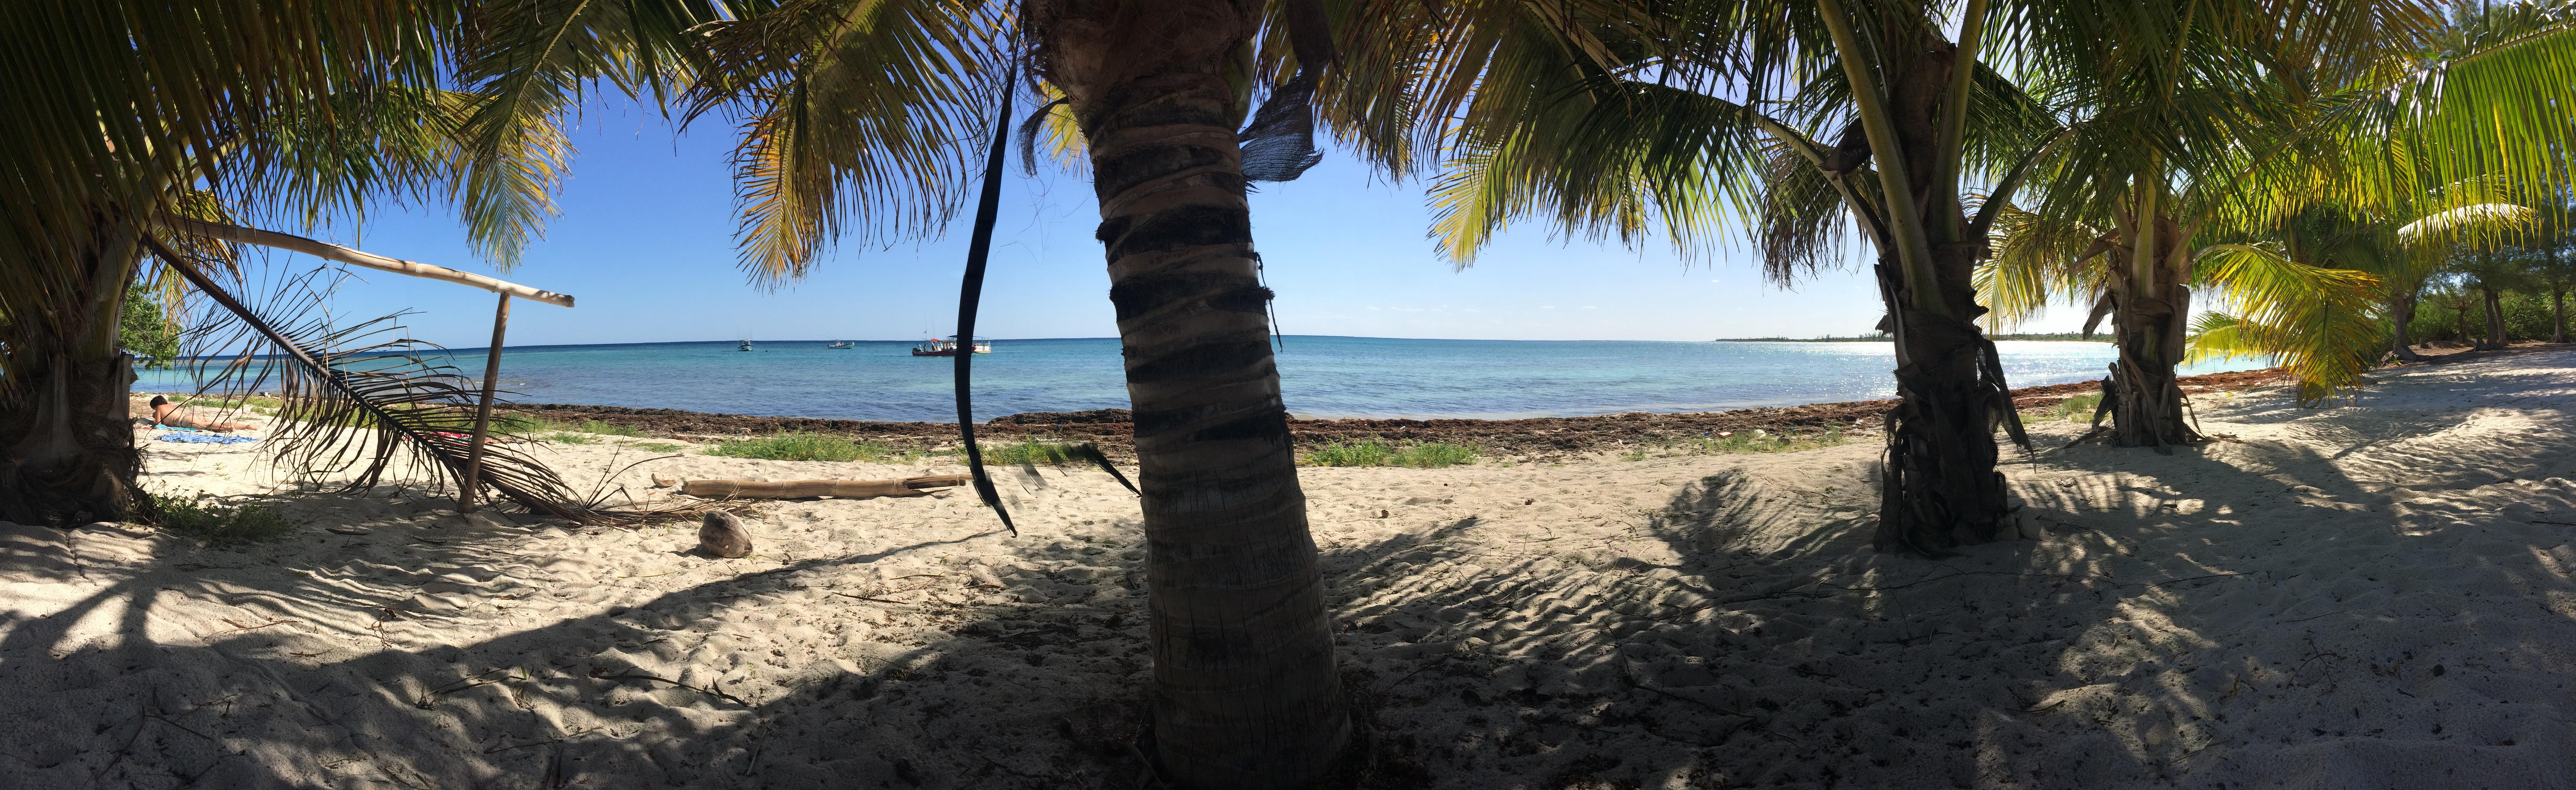 Plage deserte sous les cocotiers